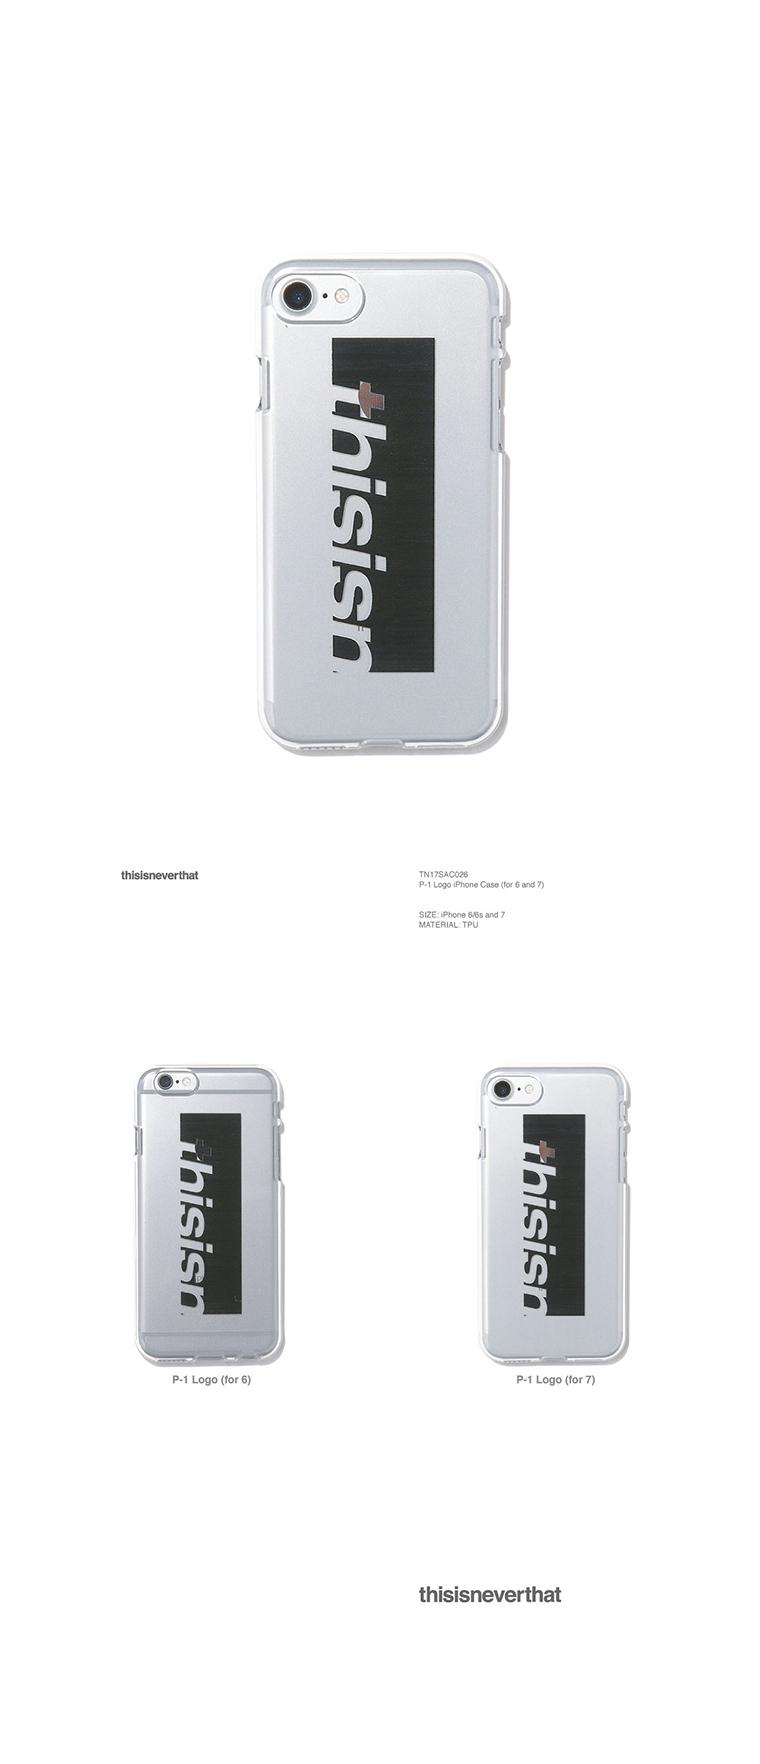 디스이즈네버댓(THISISNEVERTHAT) P-1 Logo iPhone Case 6/6s